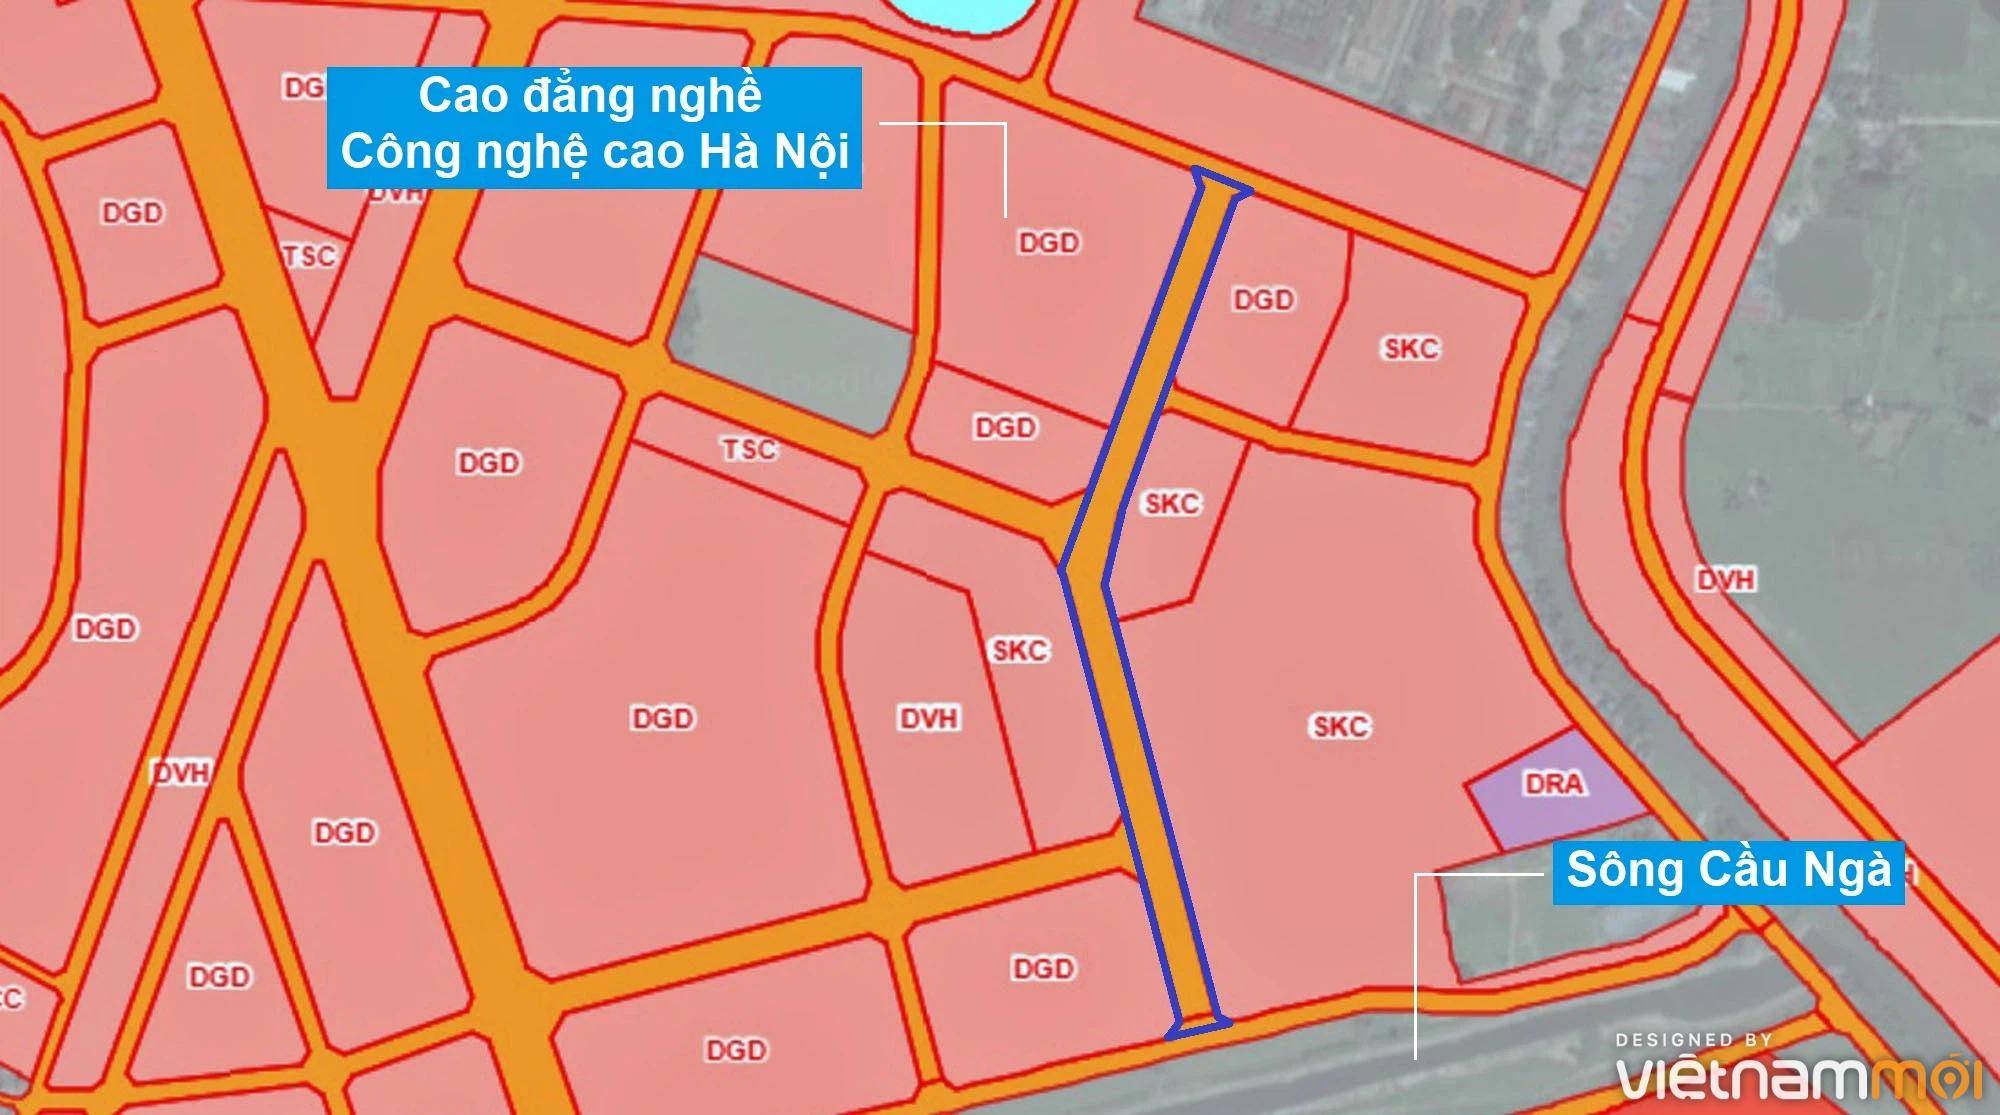 Những khu đất sắp thu hồi để mở đường ở phường Tây Mỗ, Nam Từ Liêm, Hà Nội (phần 1) - Ảnh 6.